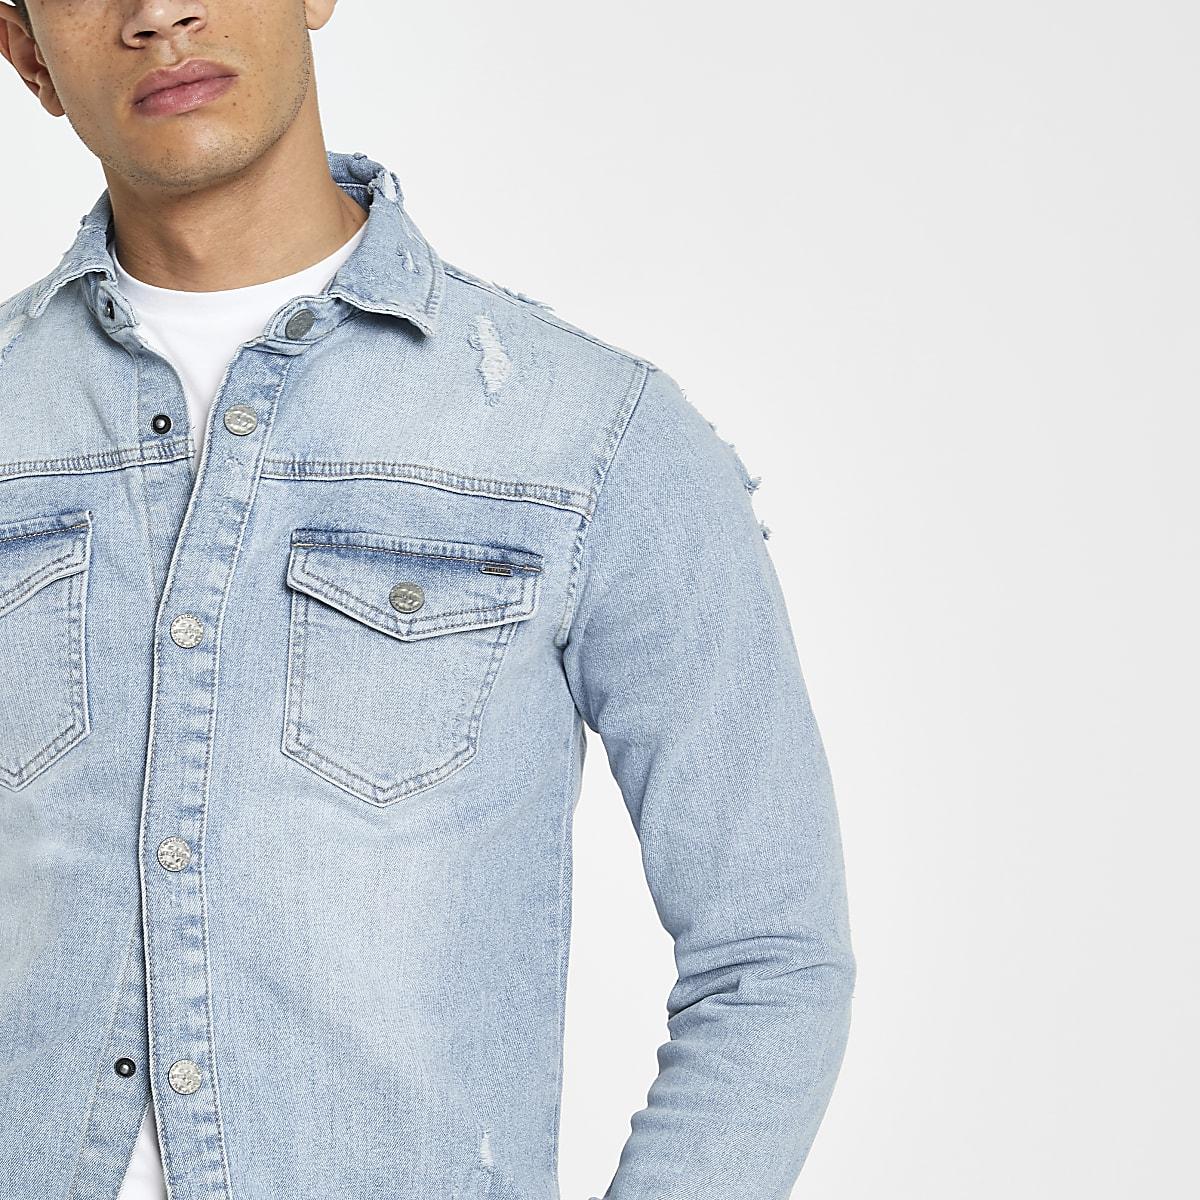 98049bb6fb1 Only   Sons blue denim overshirt - Long Sleeve Shirts - Shirts - men